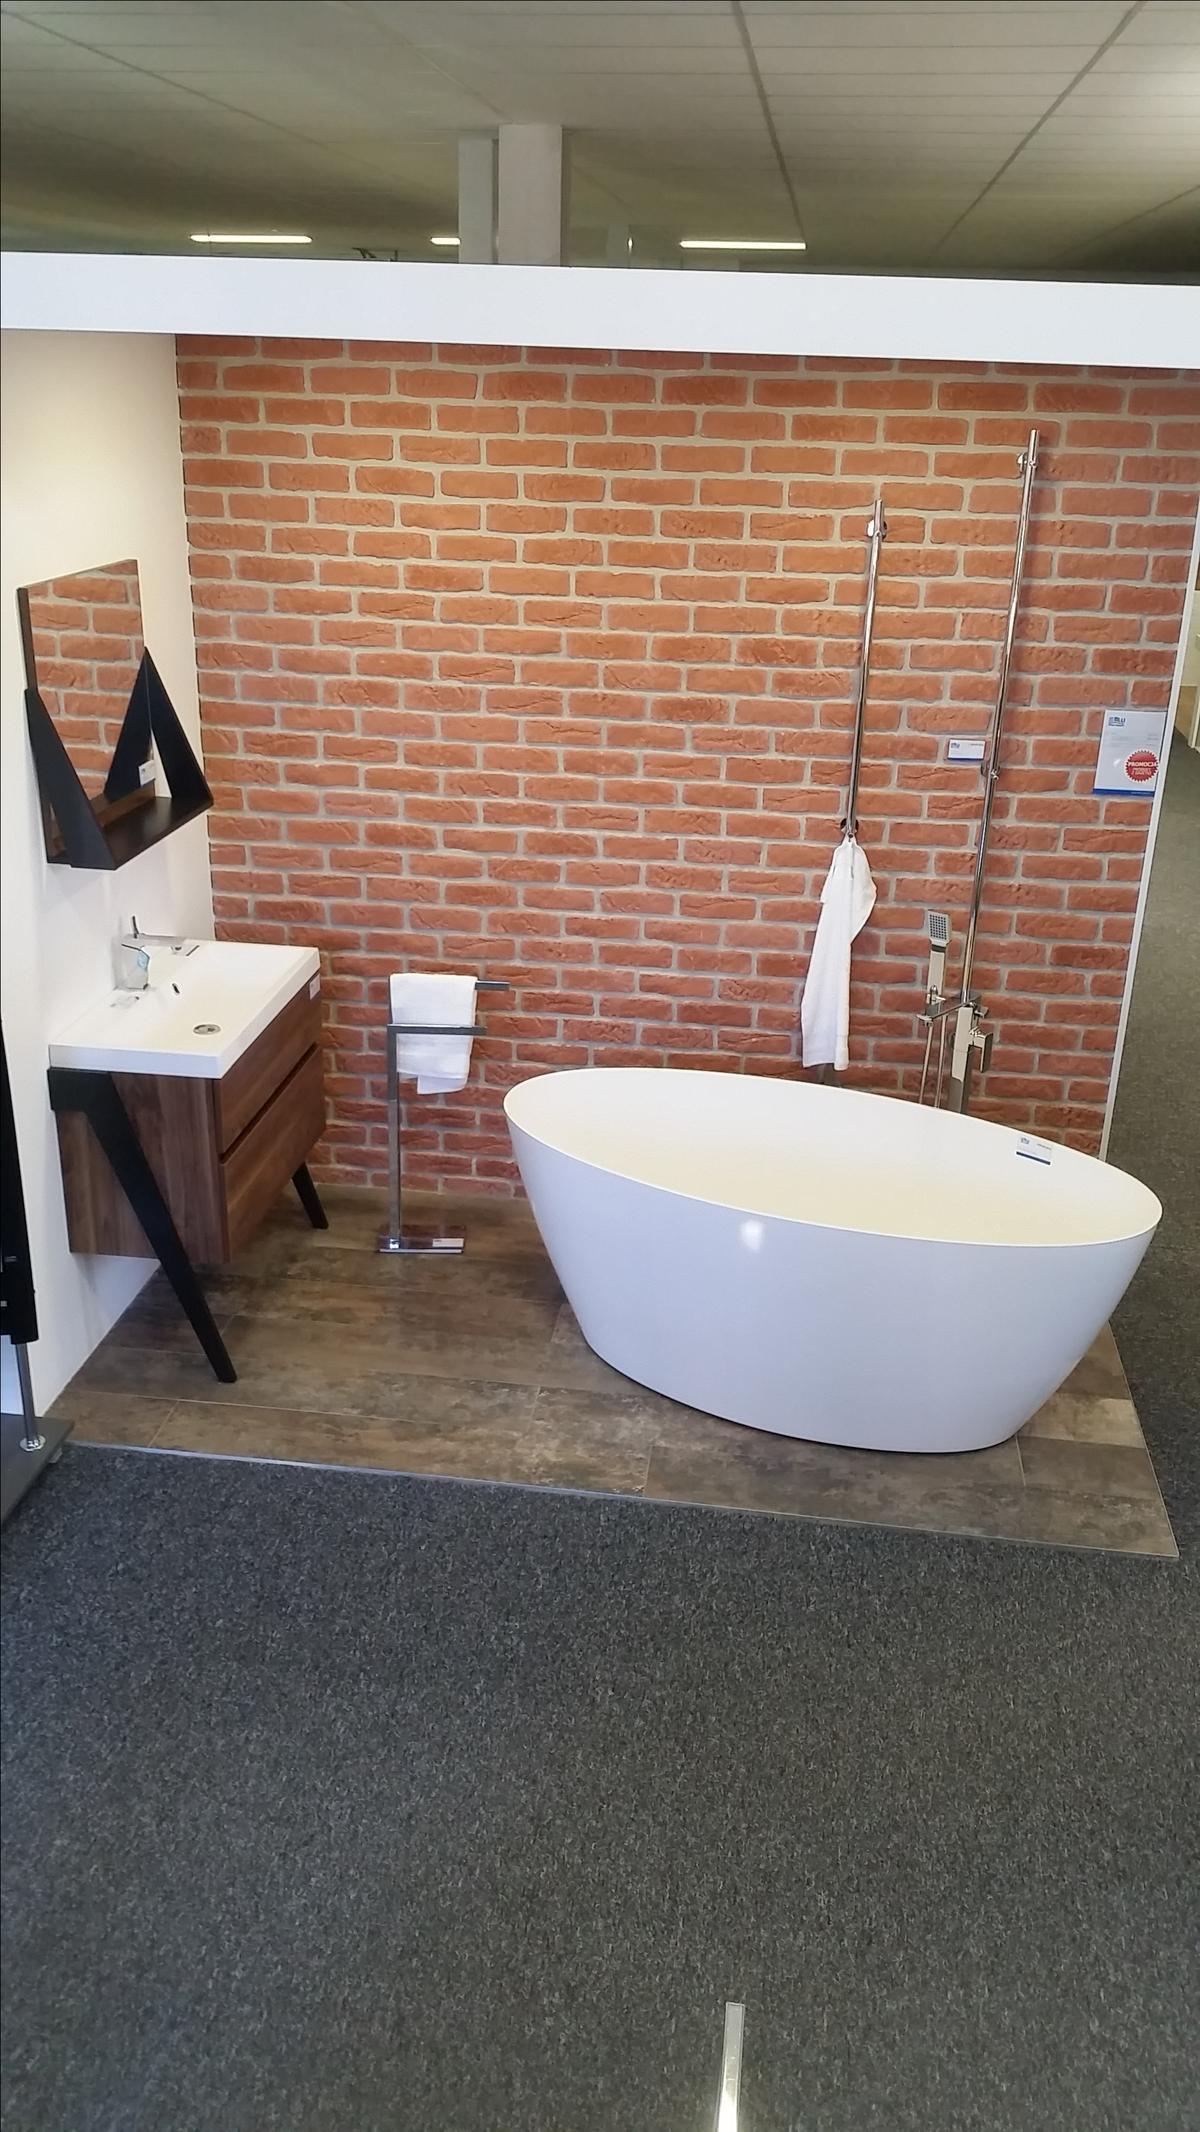 Łazienka w surowym wydaniu z nową wanną - zdjęcie od BLU salon łazienek Chojnice